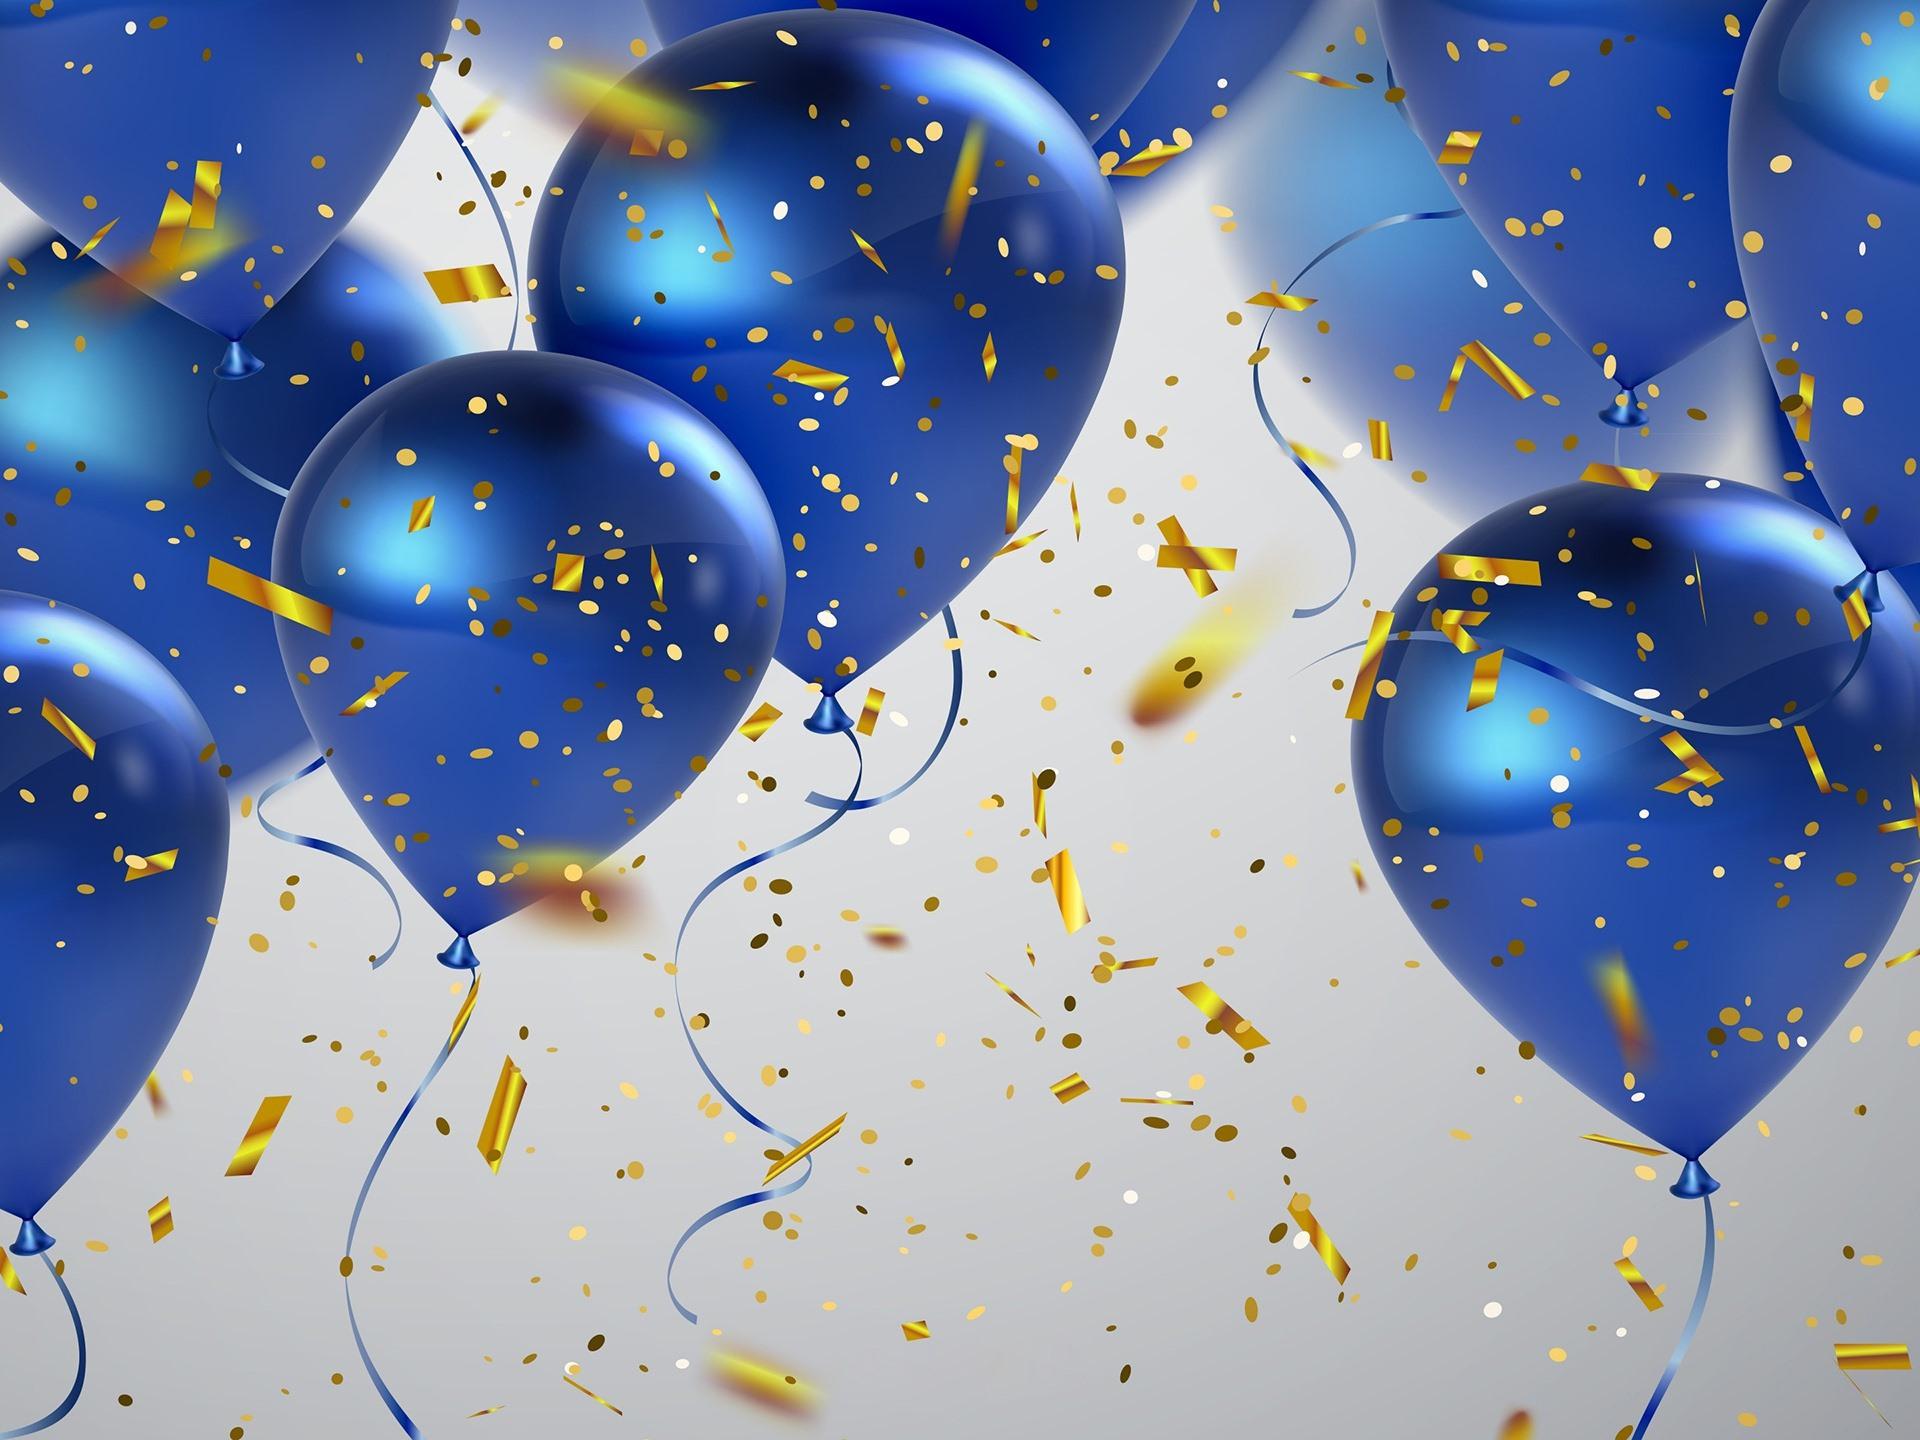 поздравление с шарами шар голубой место известо красноярске